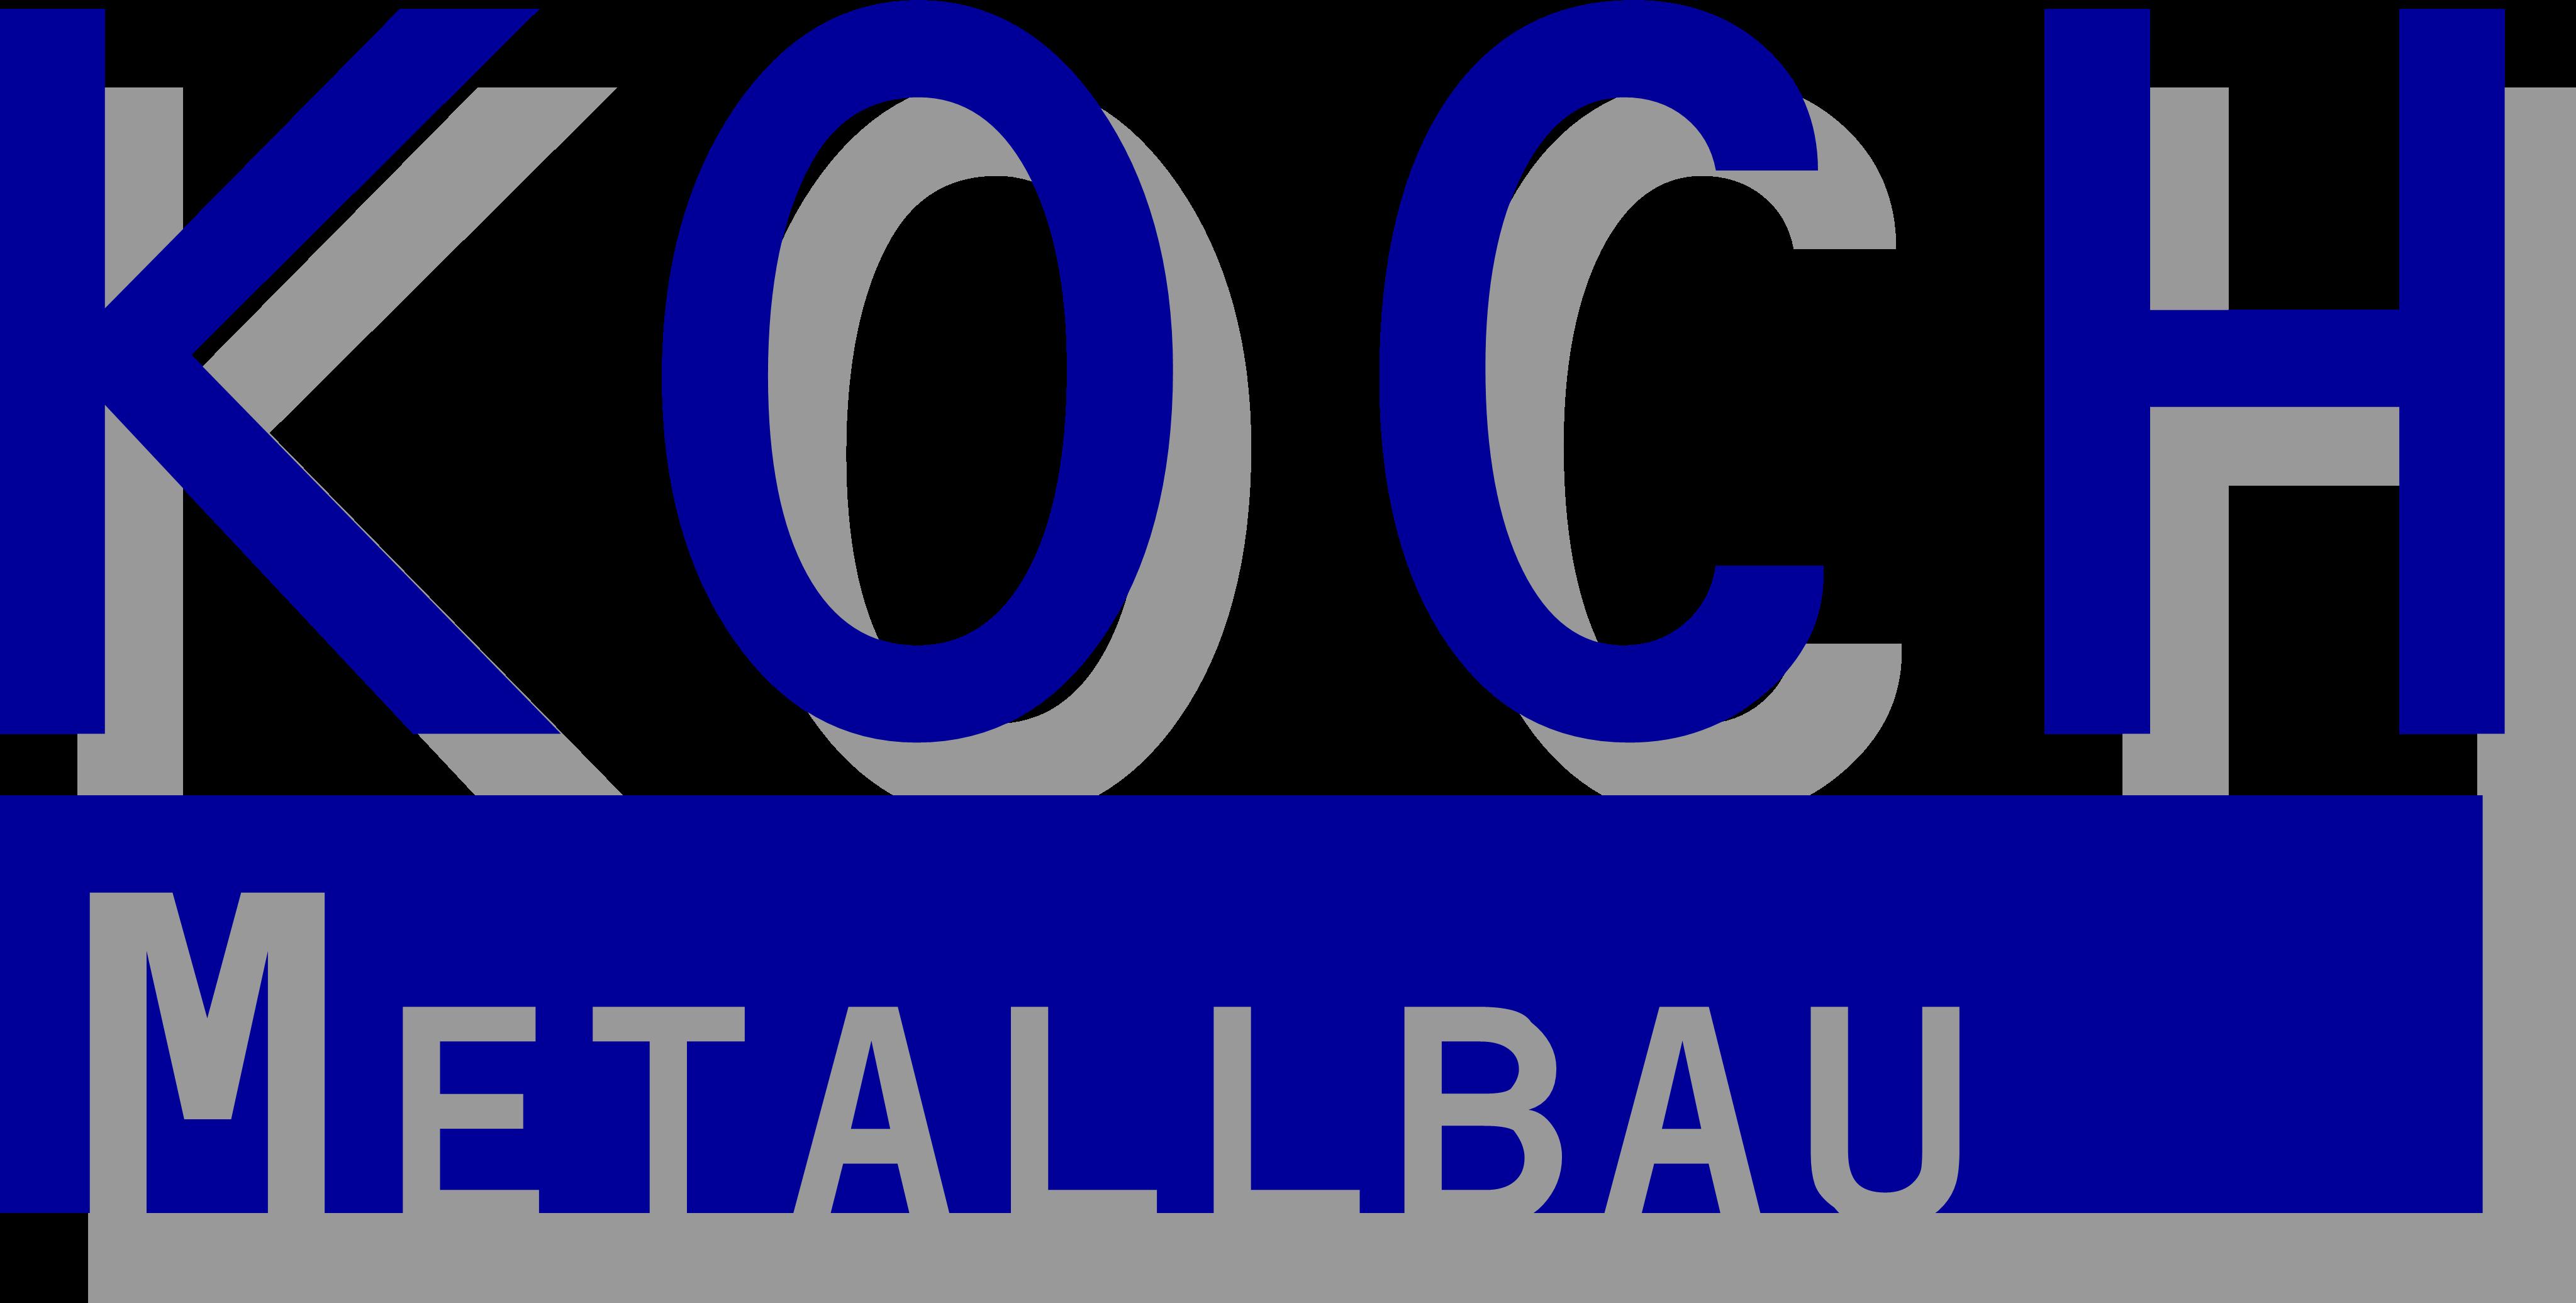 Koch Metallbau